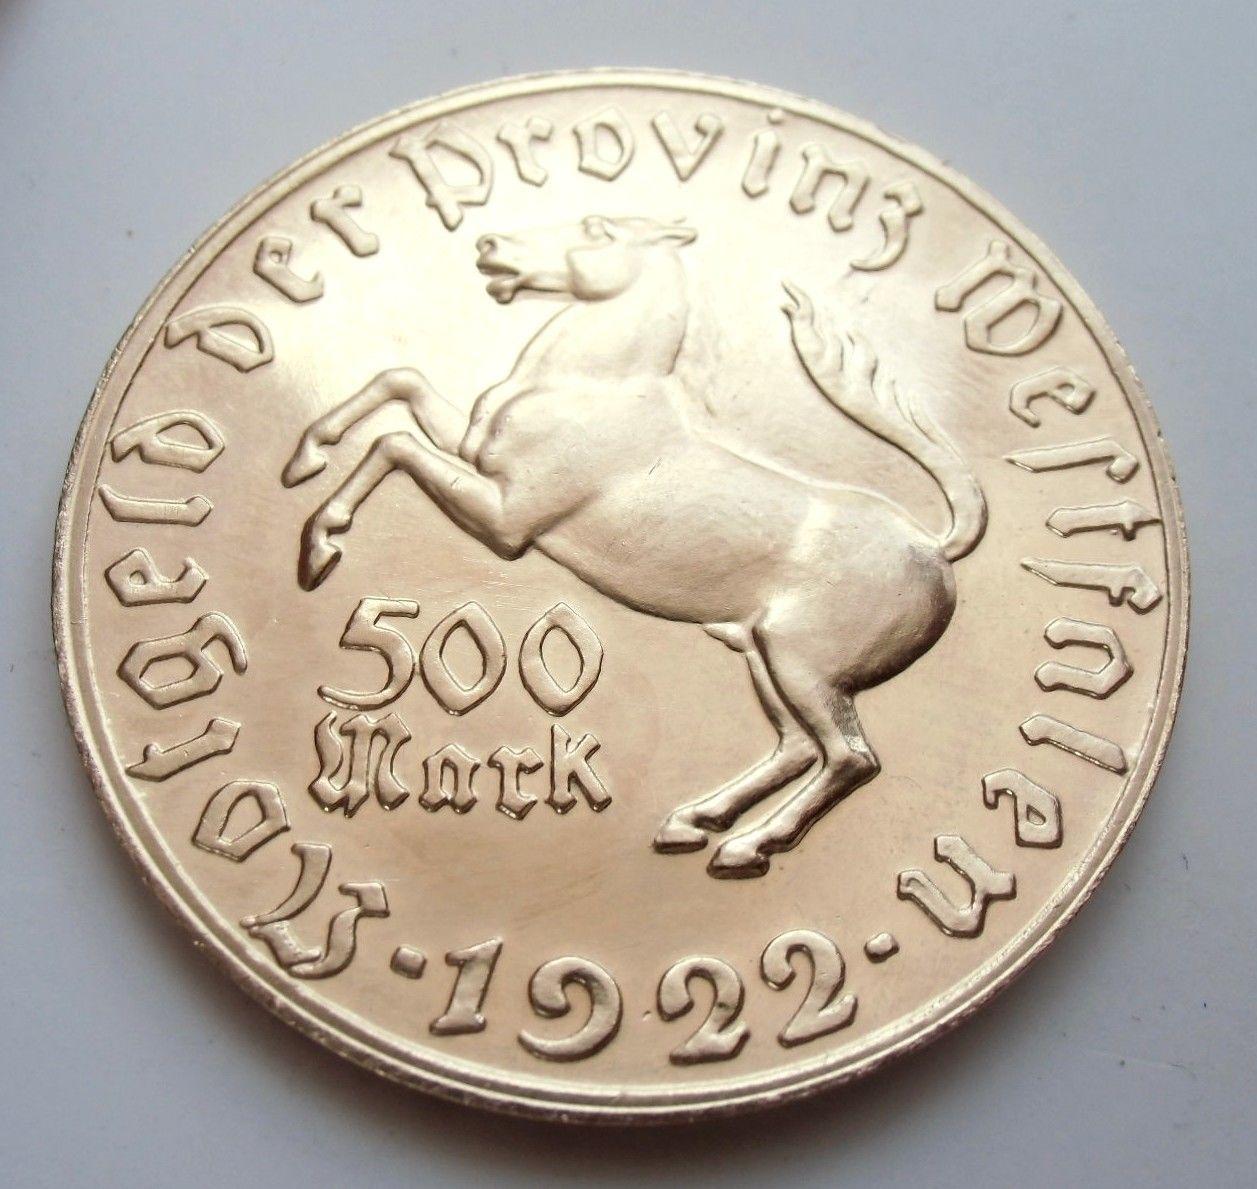 Monedas de emergencia emitidas por el banco regional de Westphalia 1922_500b